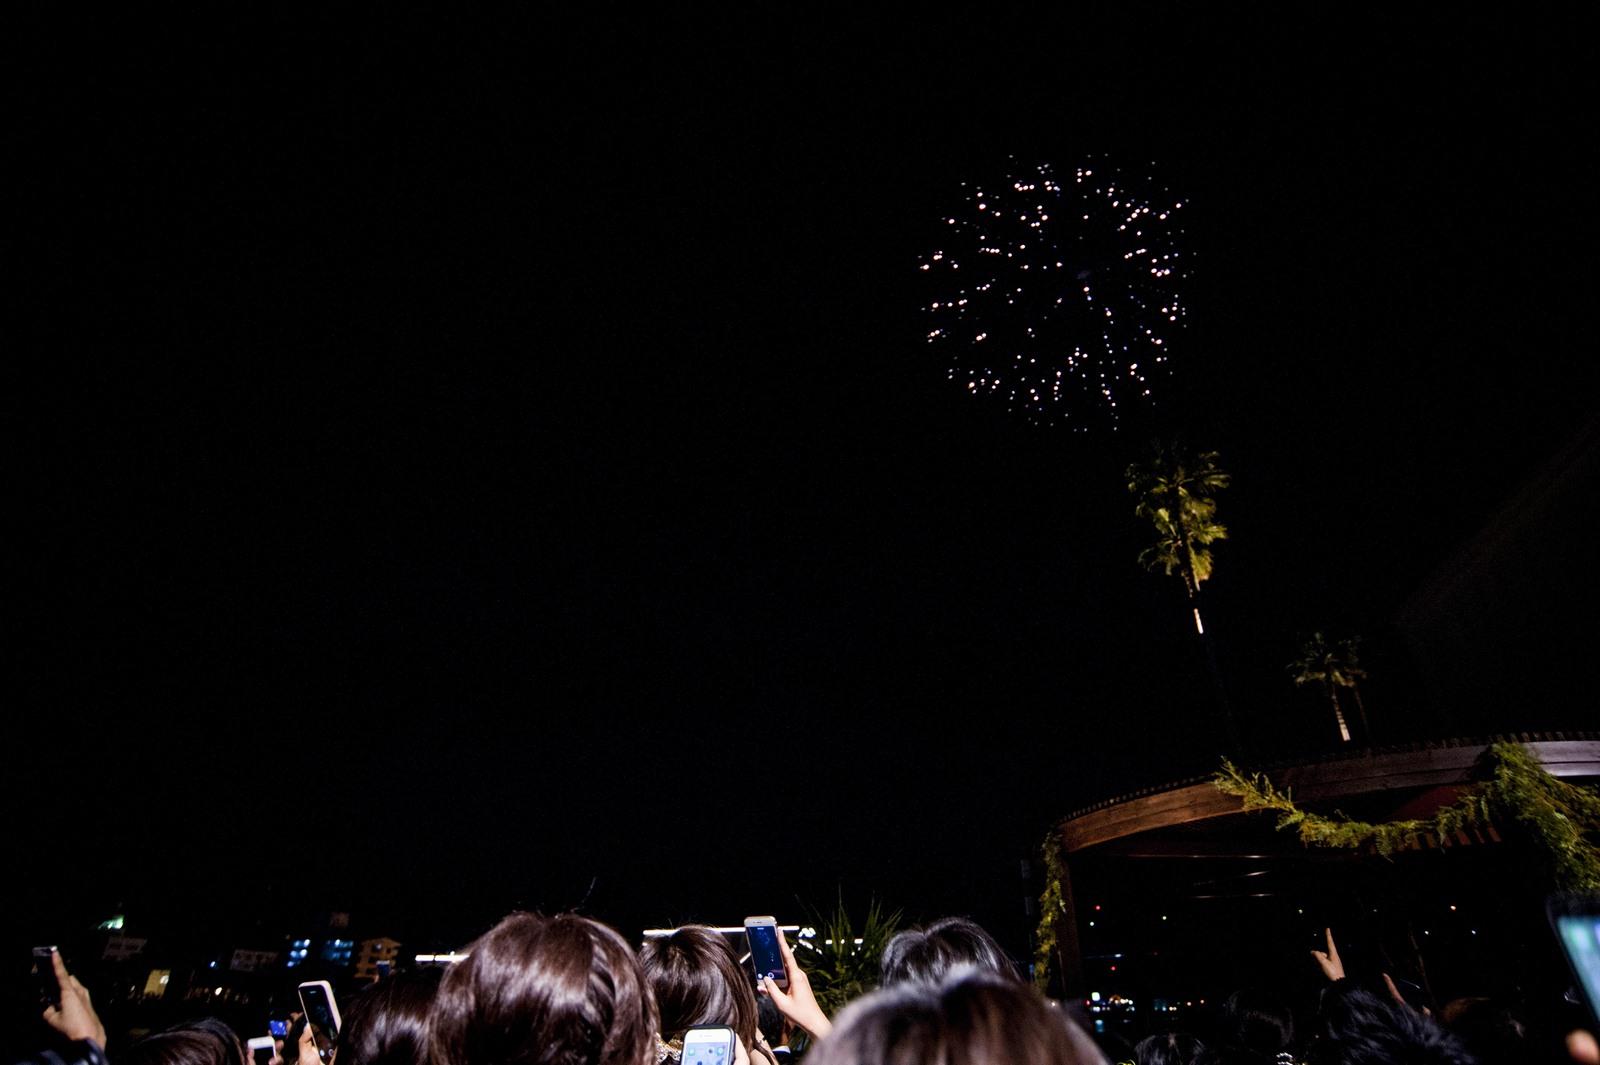 徳島市の結婚式場ブランアンジュで披露宴で新郎新婦様からゲストにむけたサプライズ打上花火